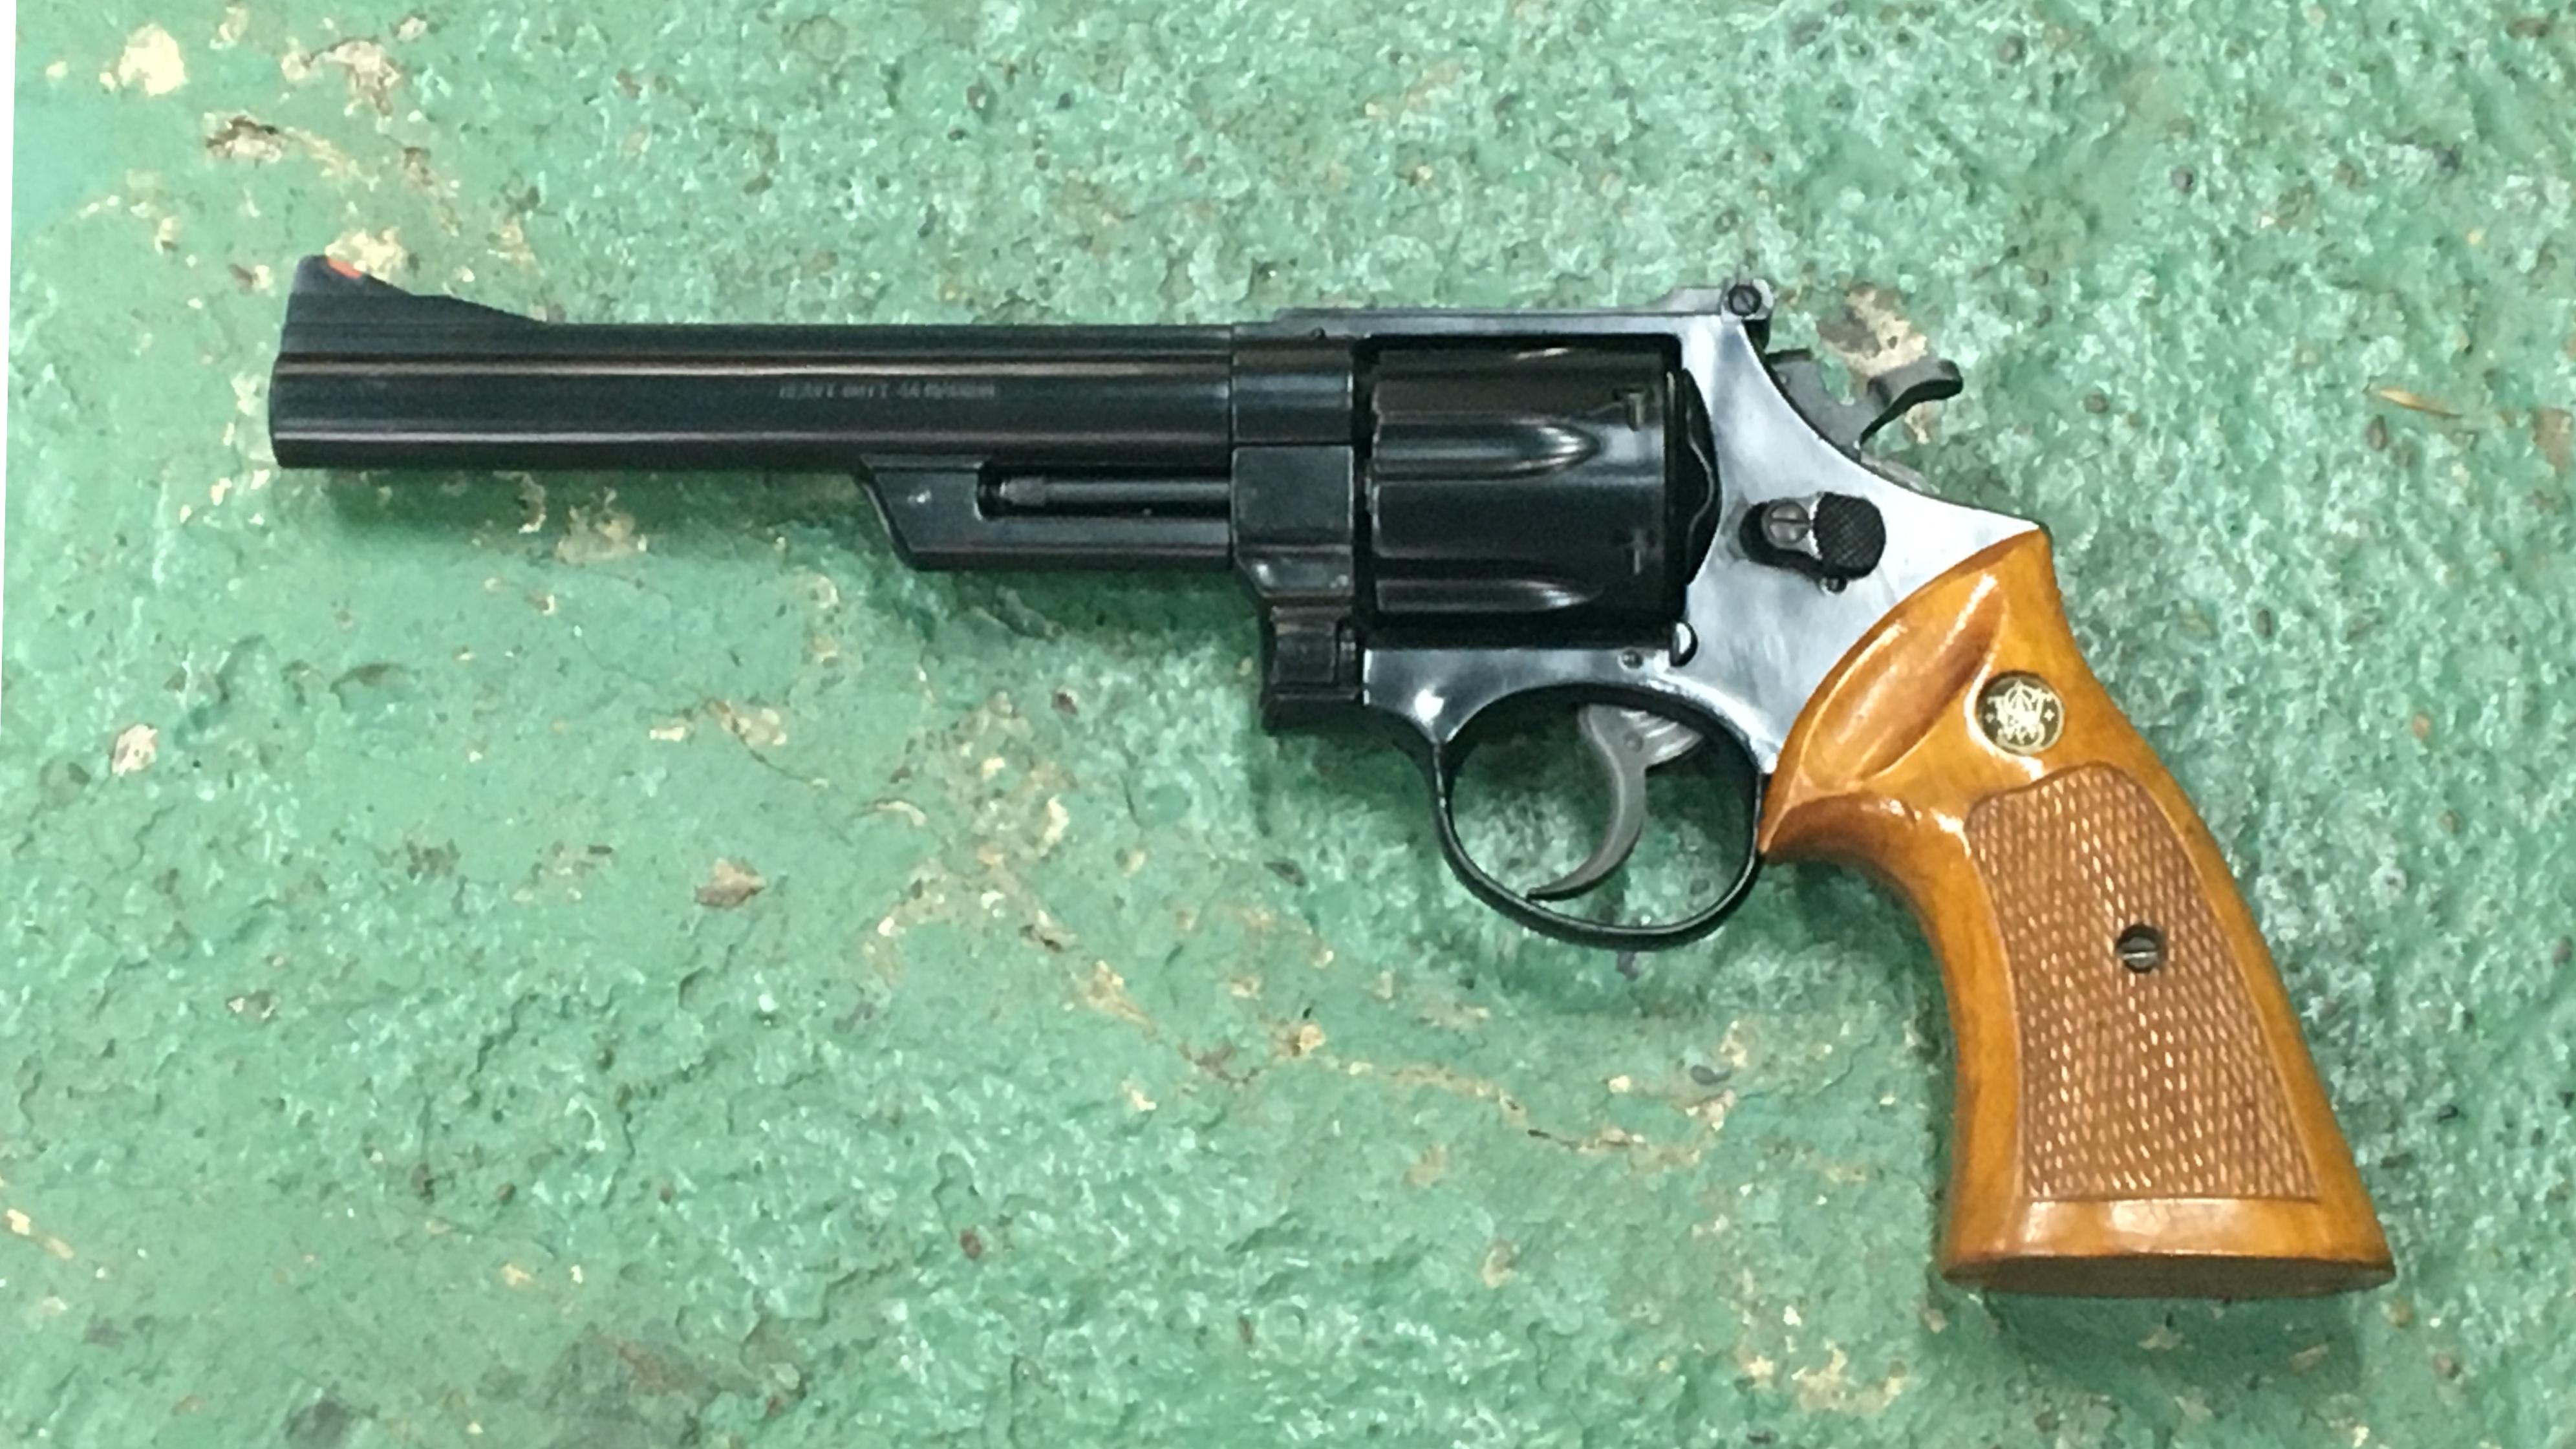 S&W M29  .44マグナム 6.5inc